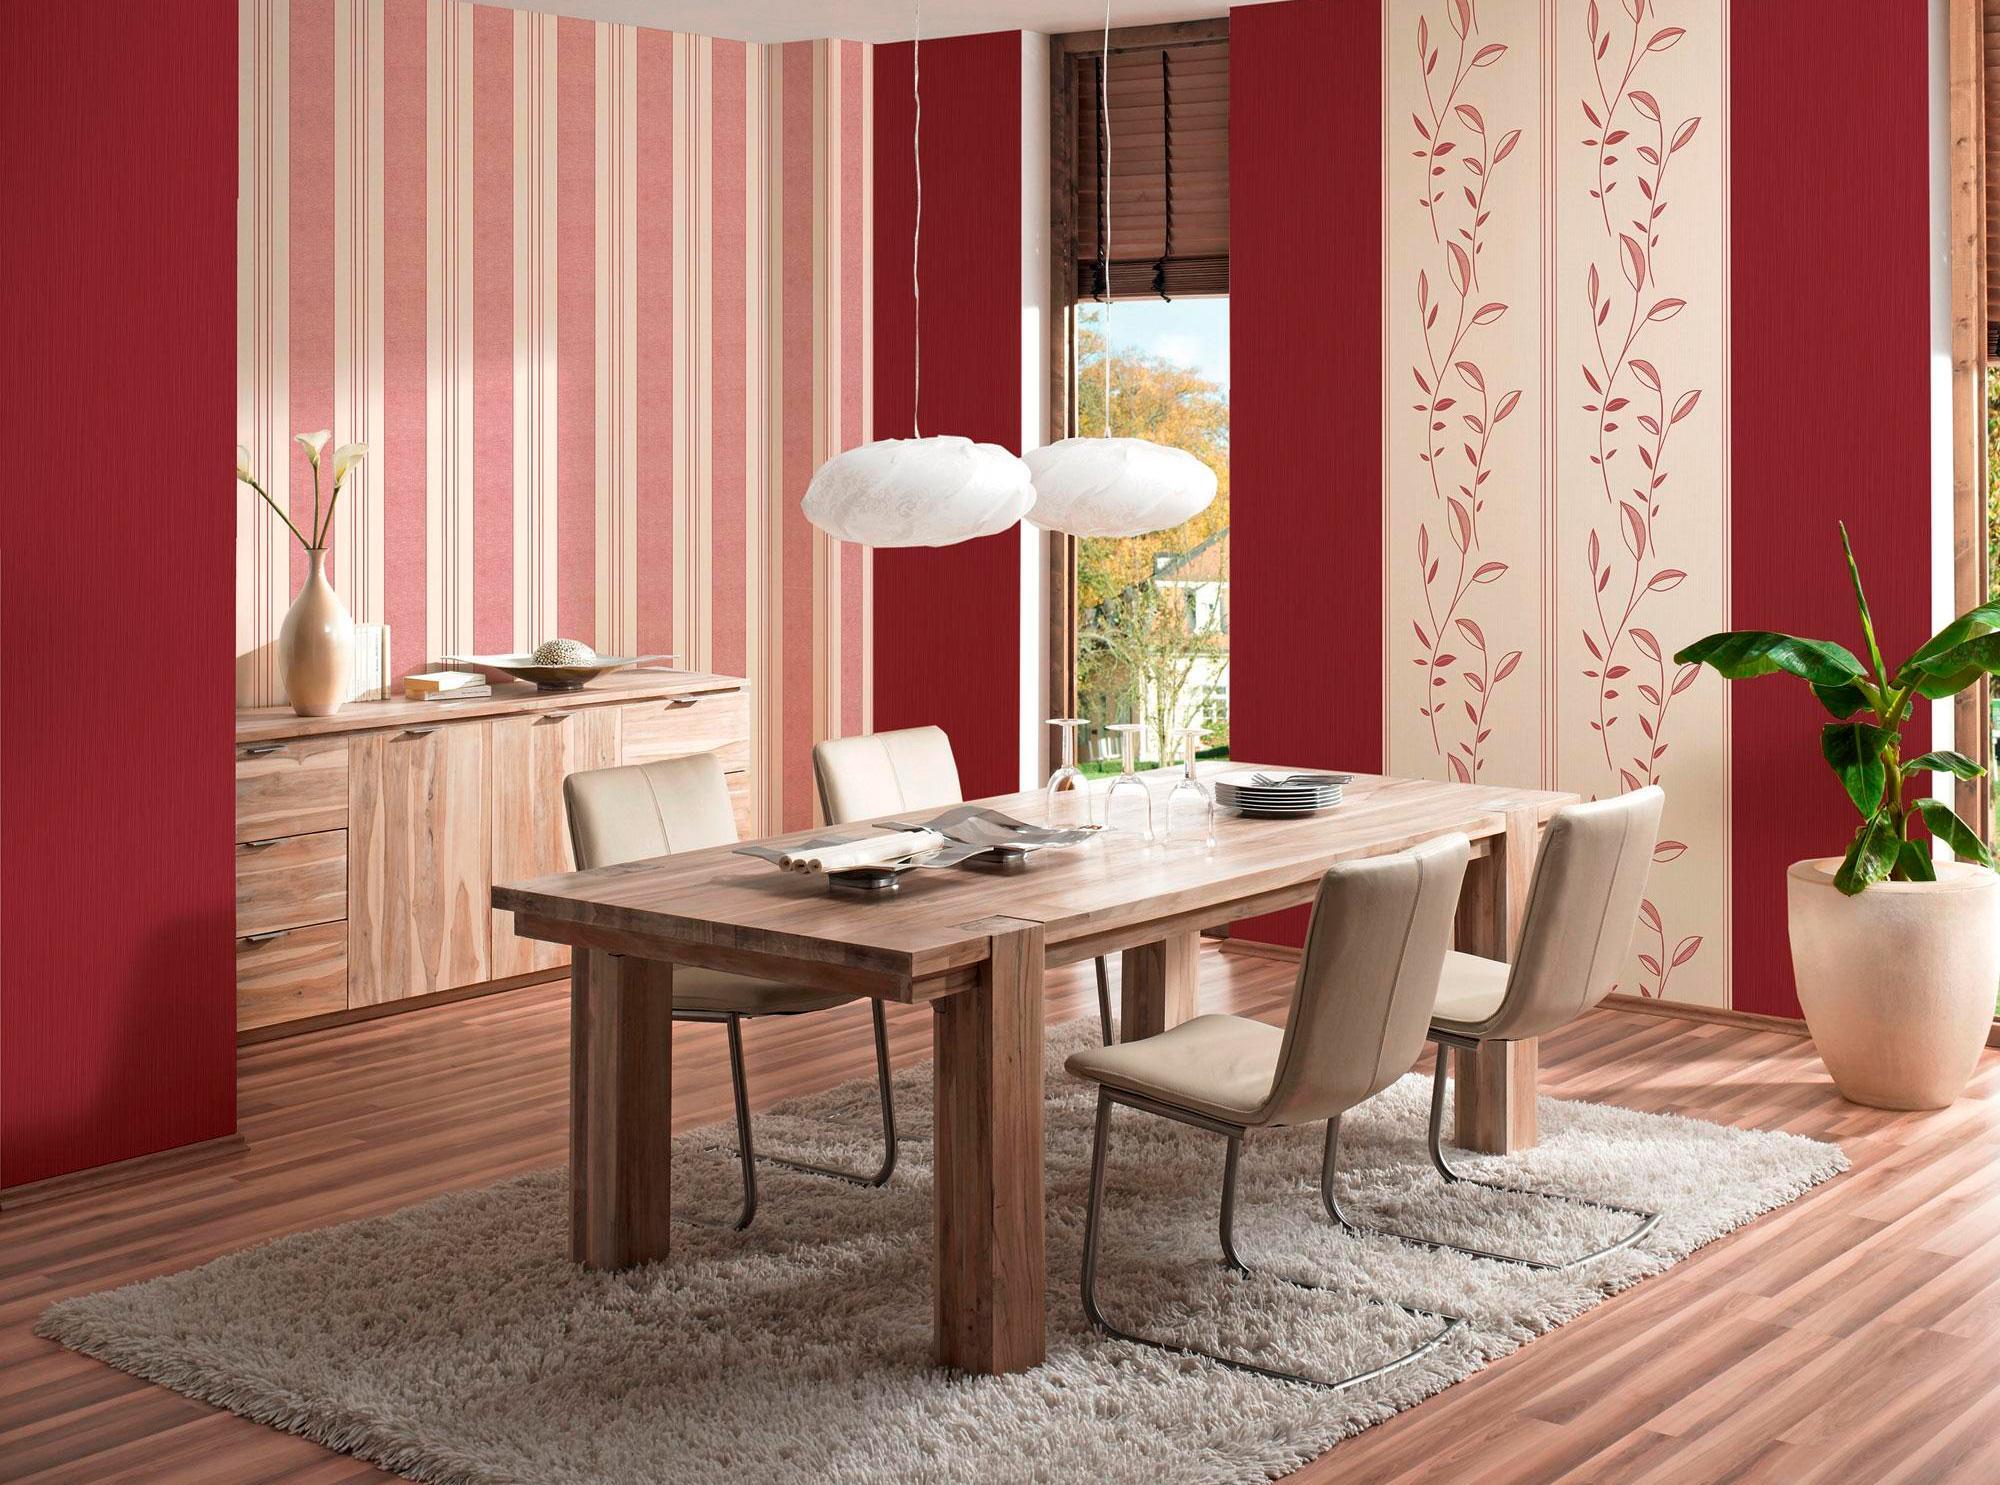 Кремово-красные полосатые обои в столовую и кухню